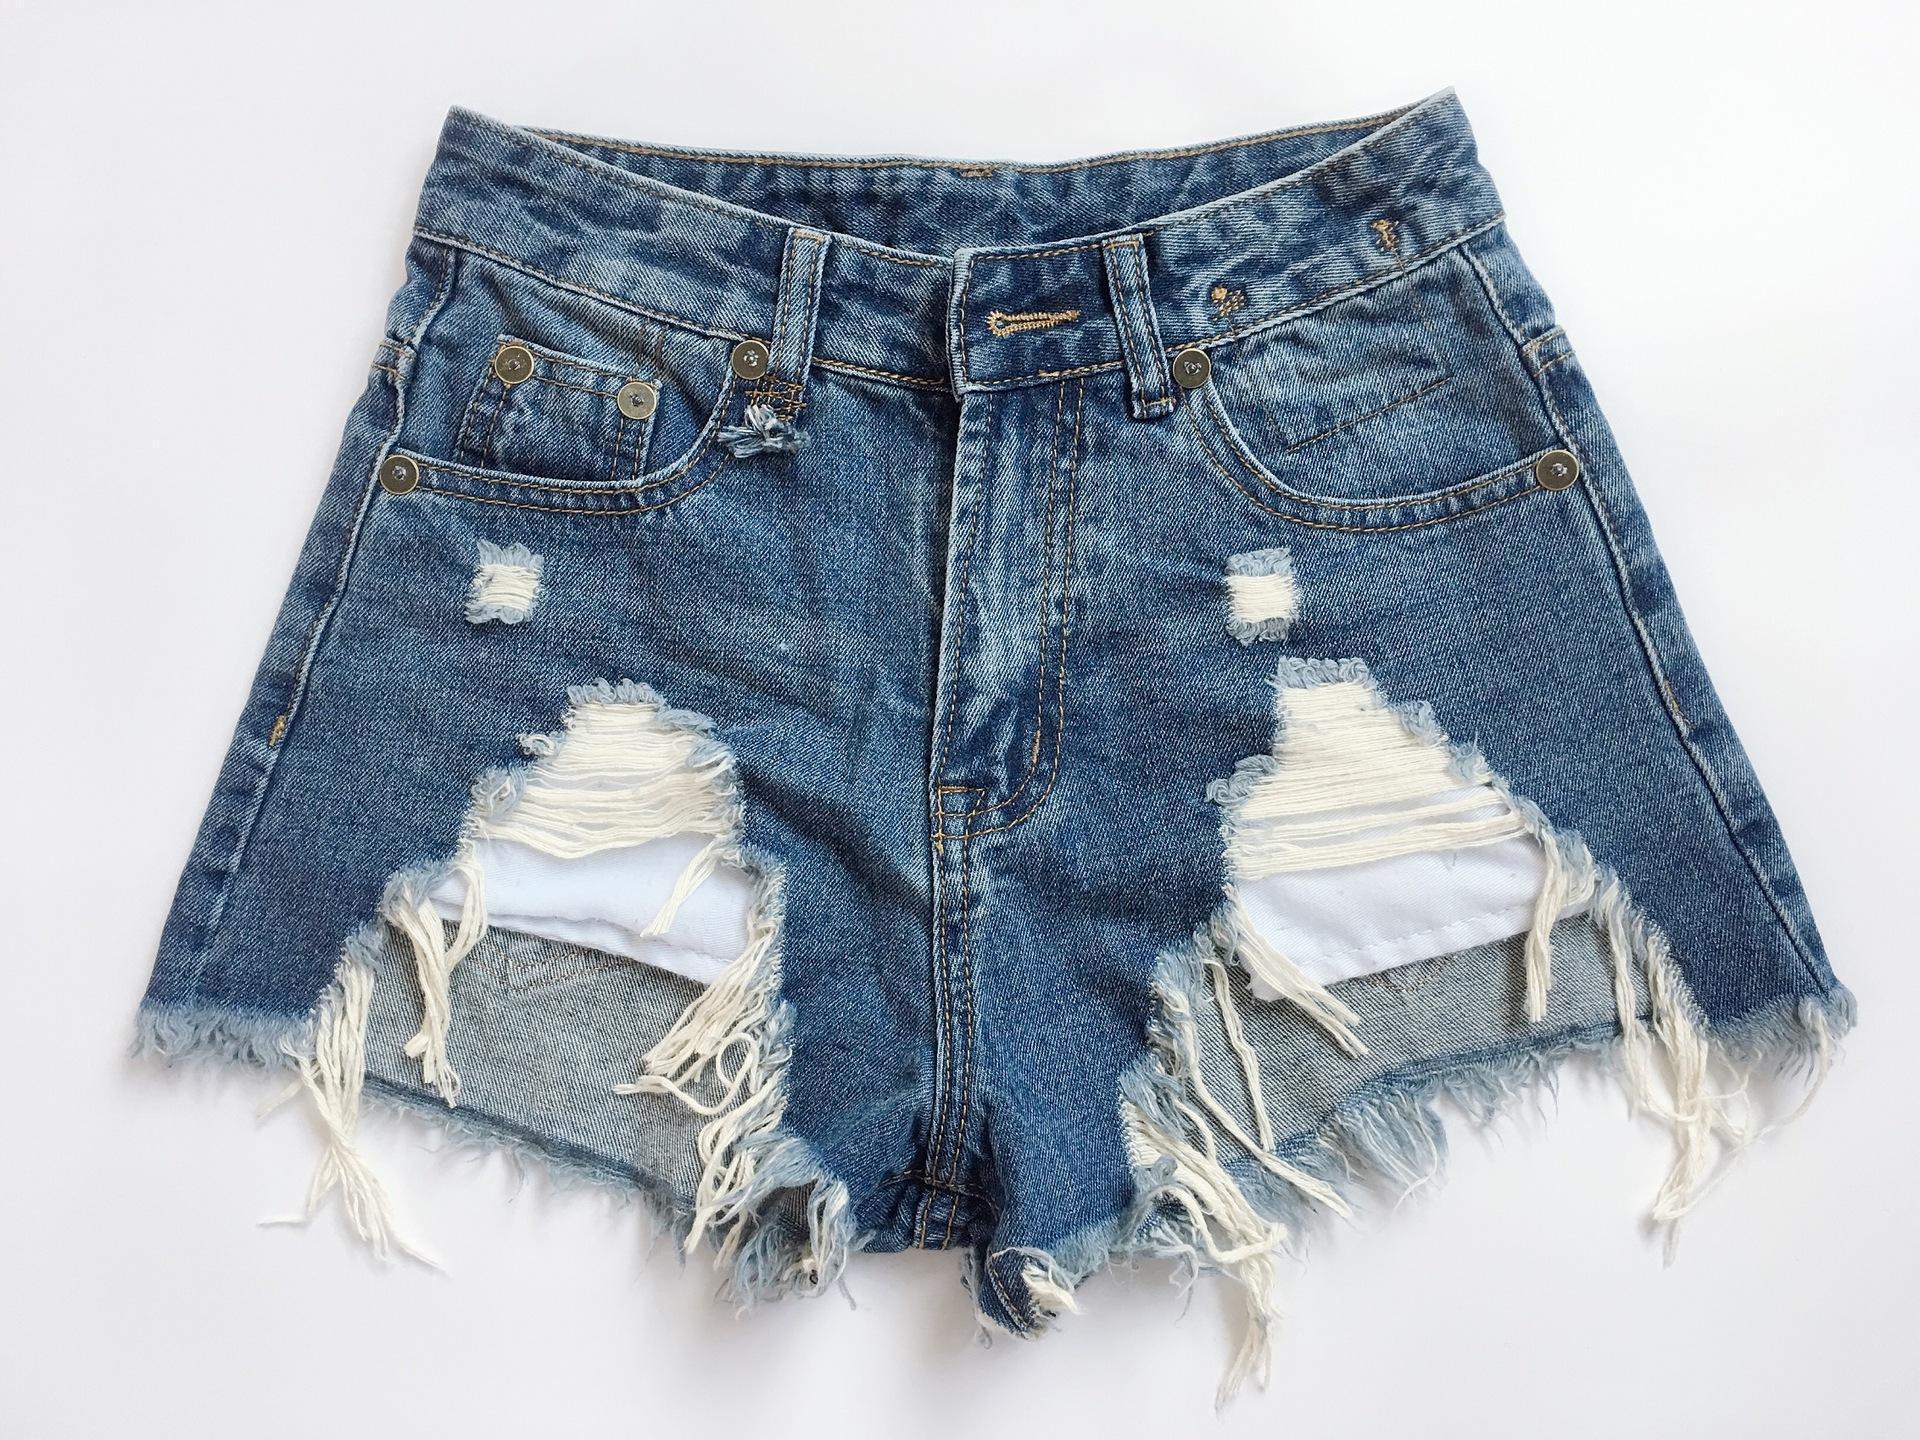 Verano Las mujeres de la borla de los pantalones vaqueros cortos rI3 mujeres de la moda estilo fresco agujero agujeros lavada desgastada pantalones cortos de mezclilla rebabas chica asiática tamaño 25-30 # zsxx749567